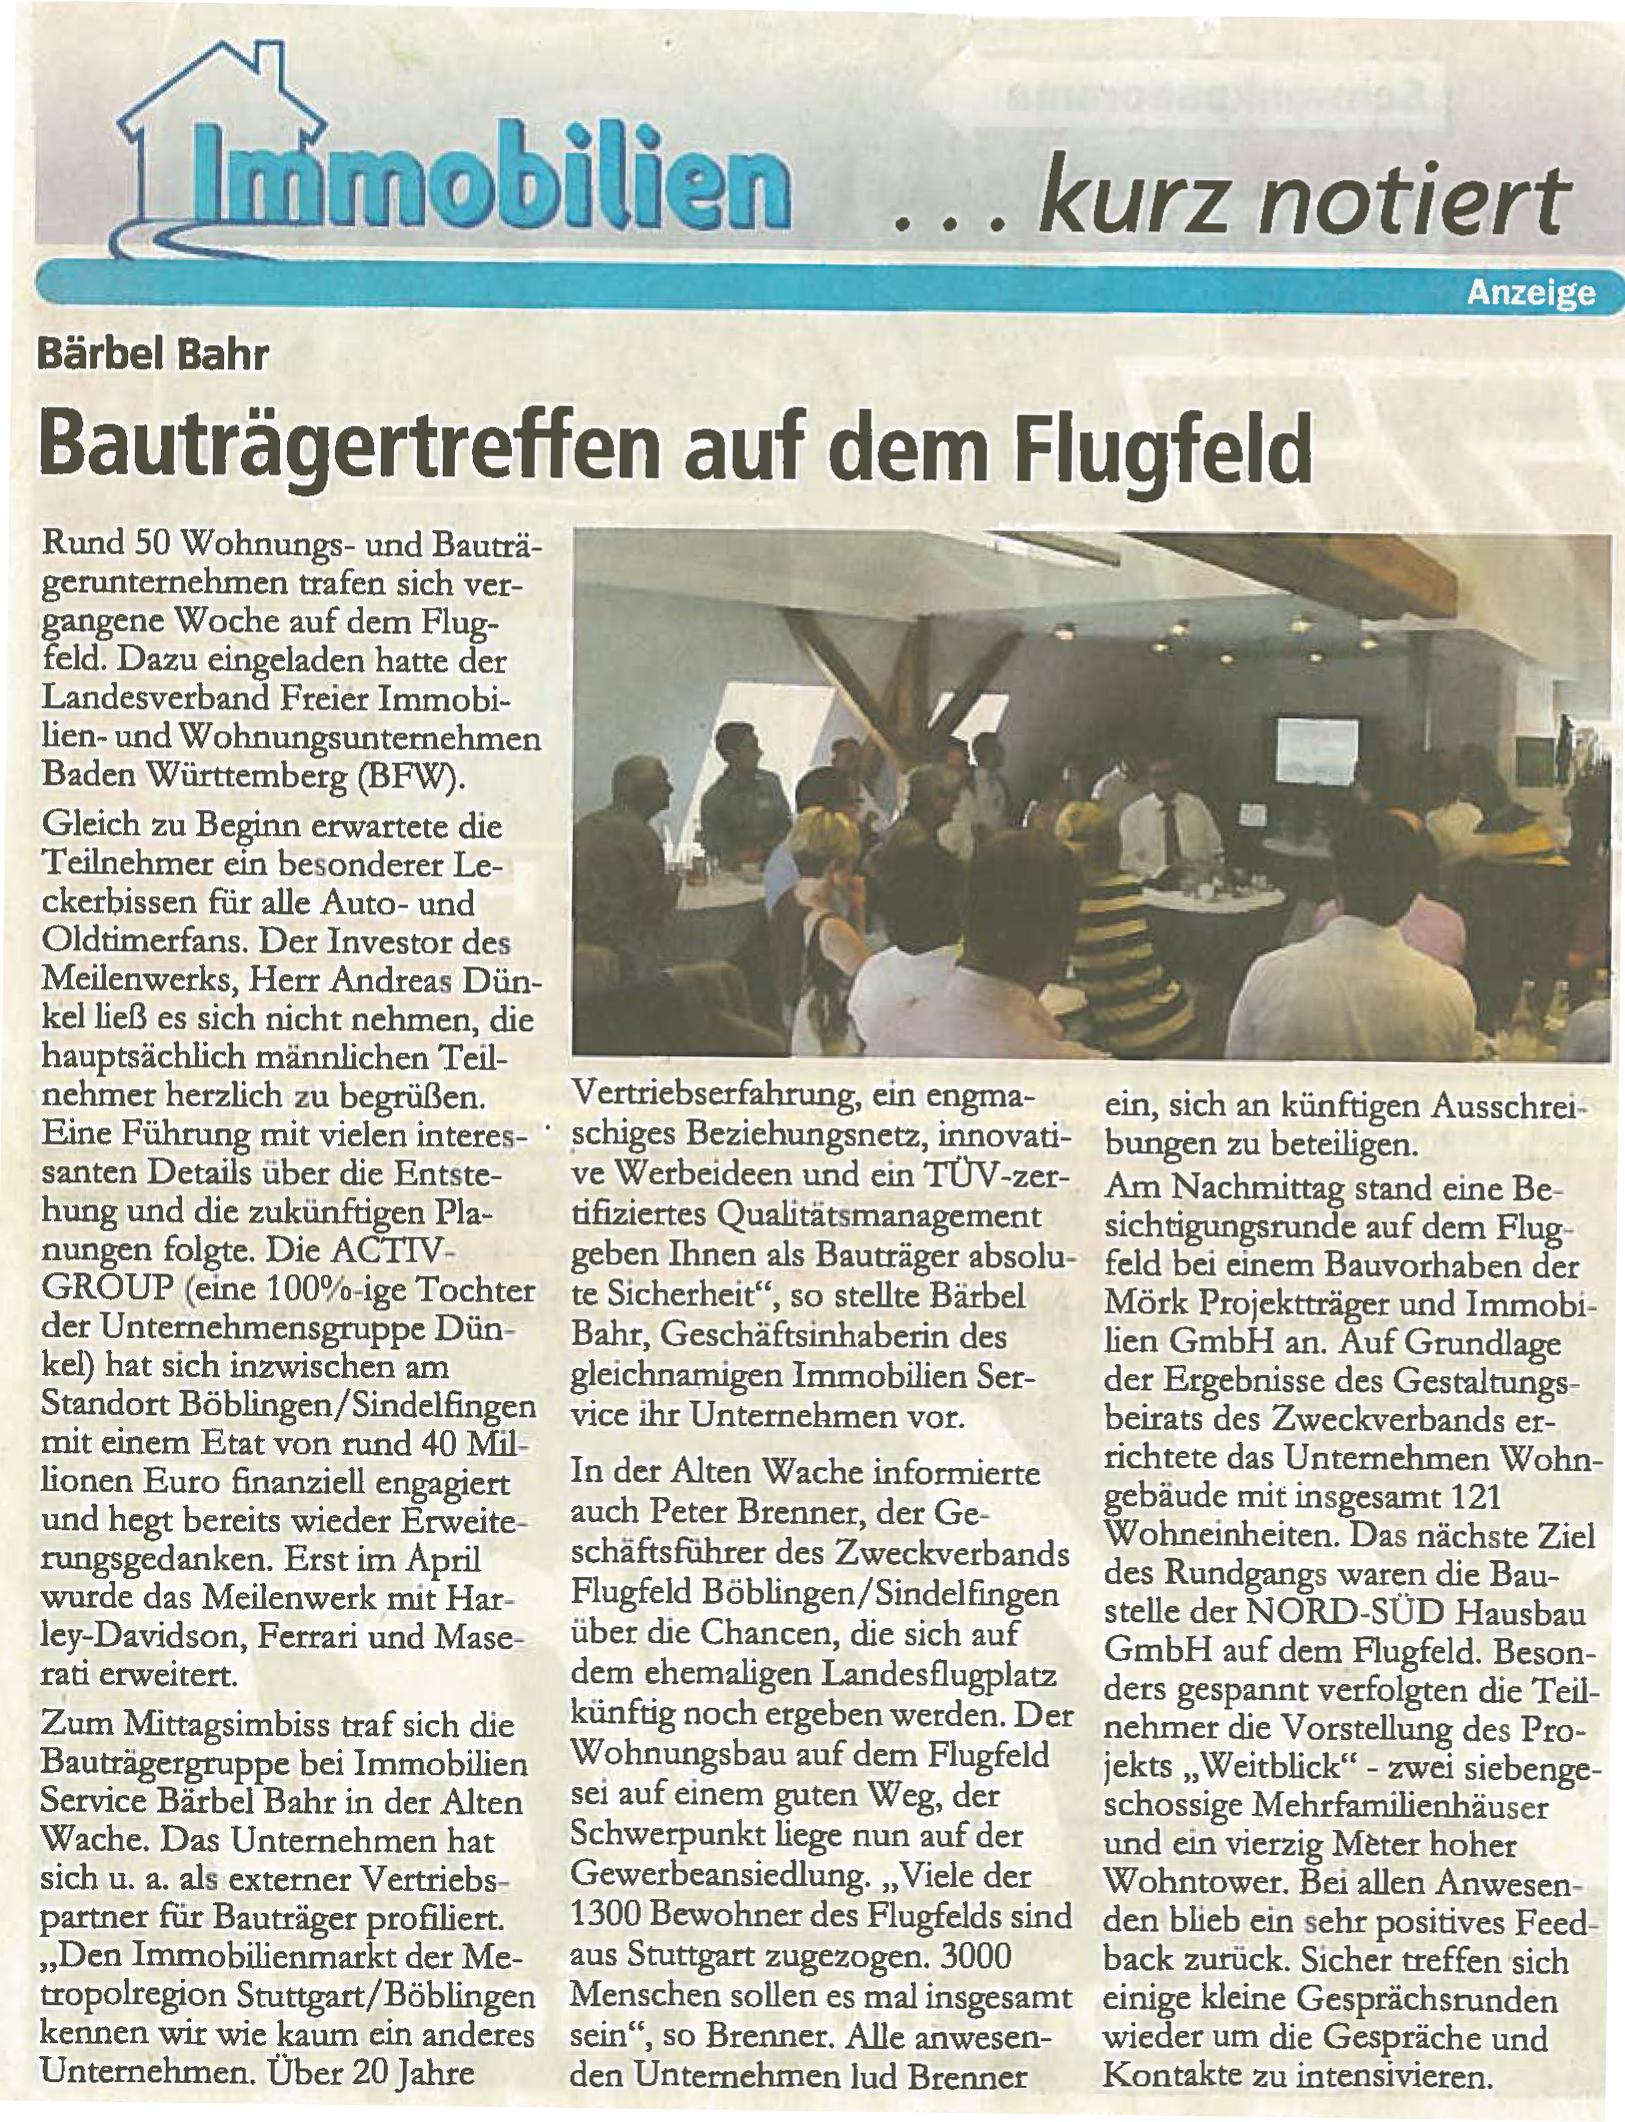 WB-Bauträgertreffen auf dem Flugfeld 04.07.